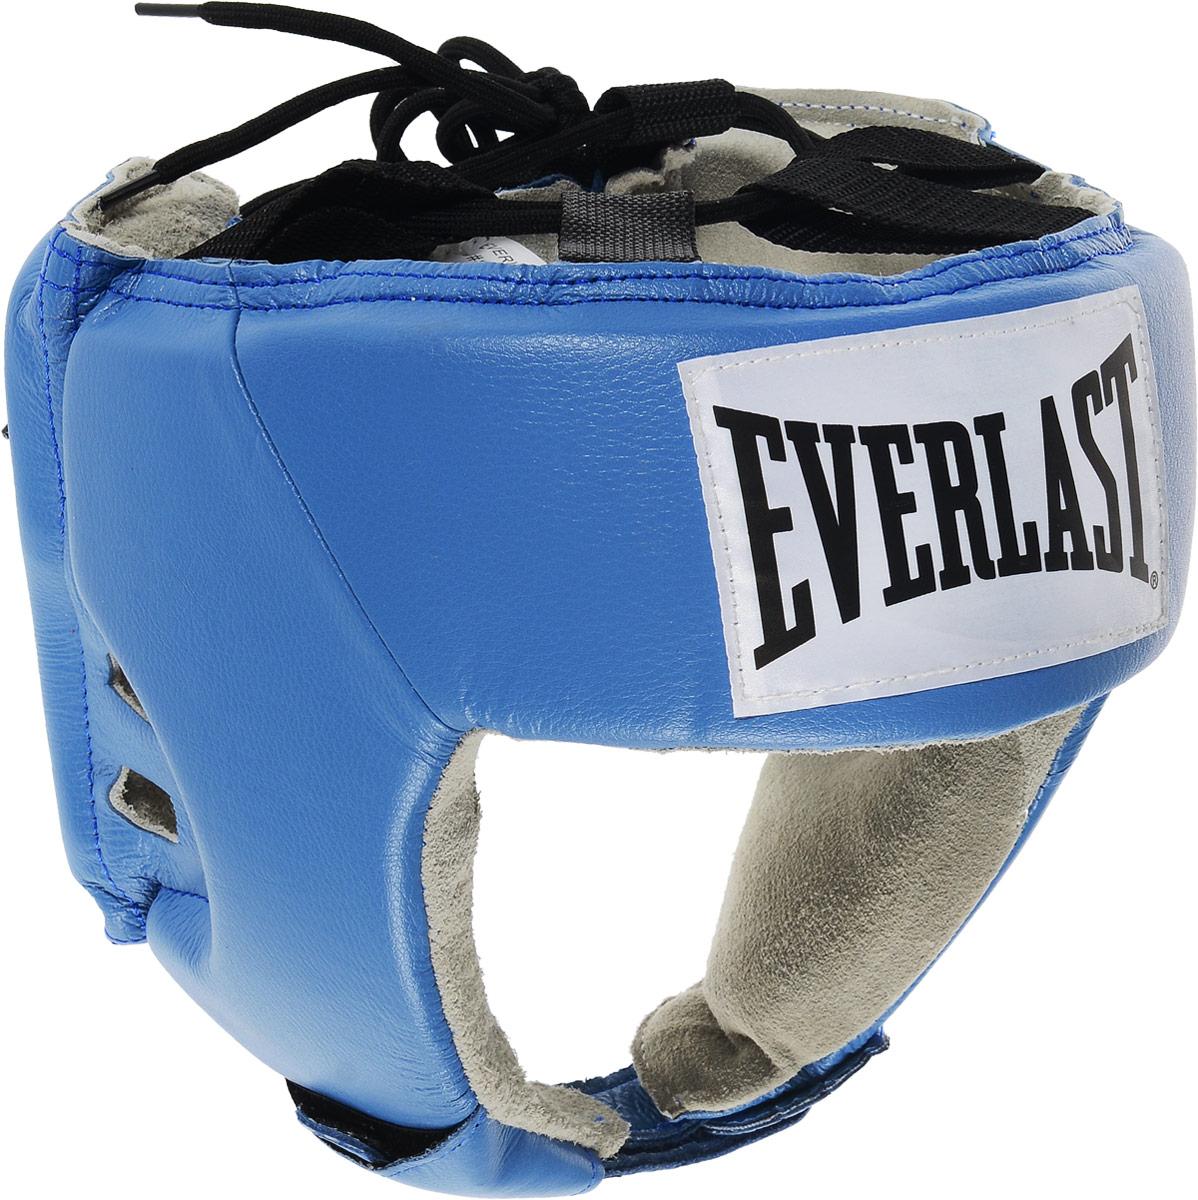 Шлем боксерский Everlast  USA Boxing , цвет: синий, белый, черный. Размер XL - Бокс